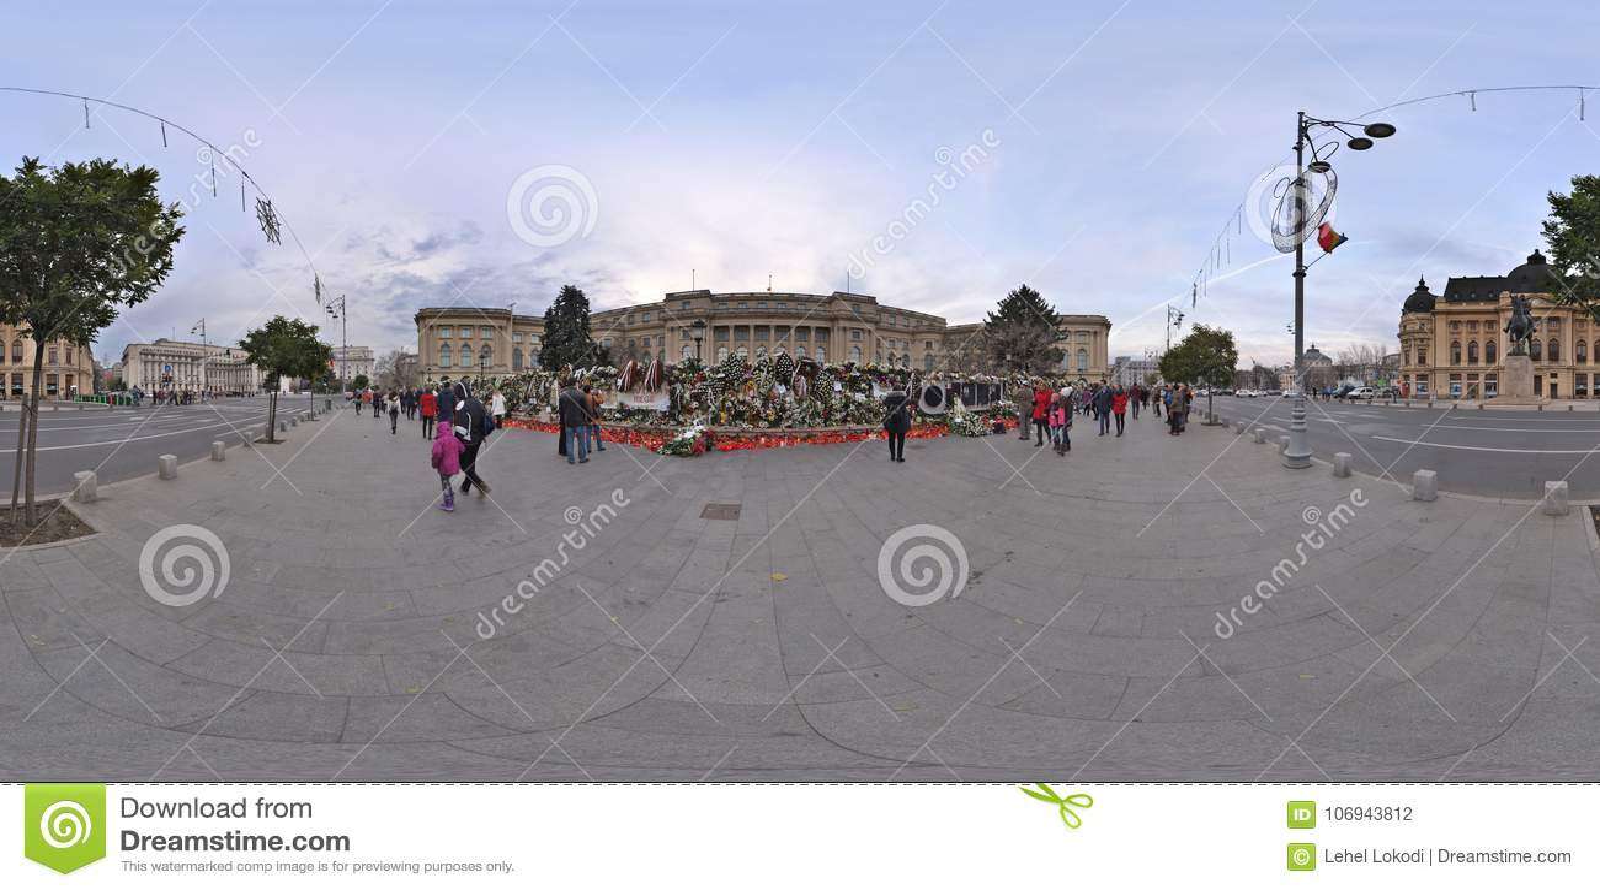 Het nationale Rouwen na het overlijden van Michael I in Royal Palace in Boekarest, Roemenië